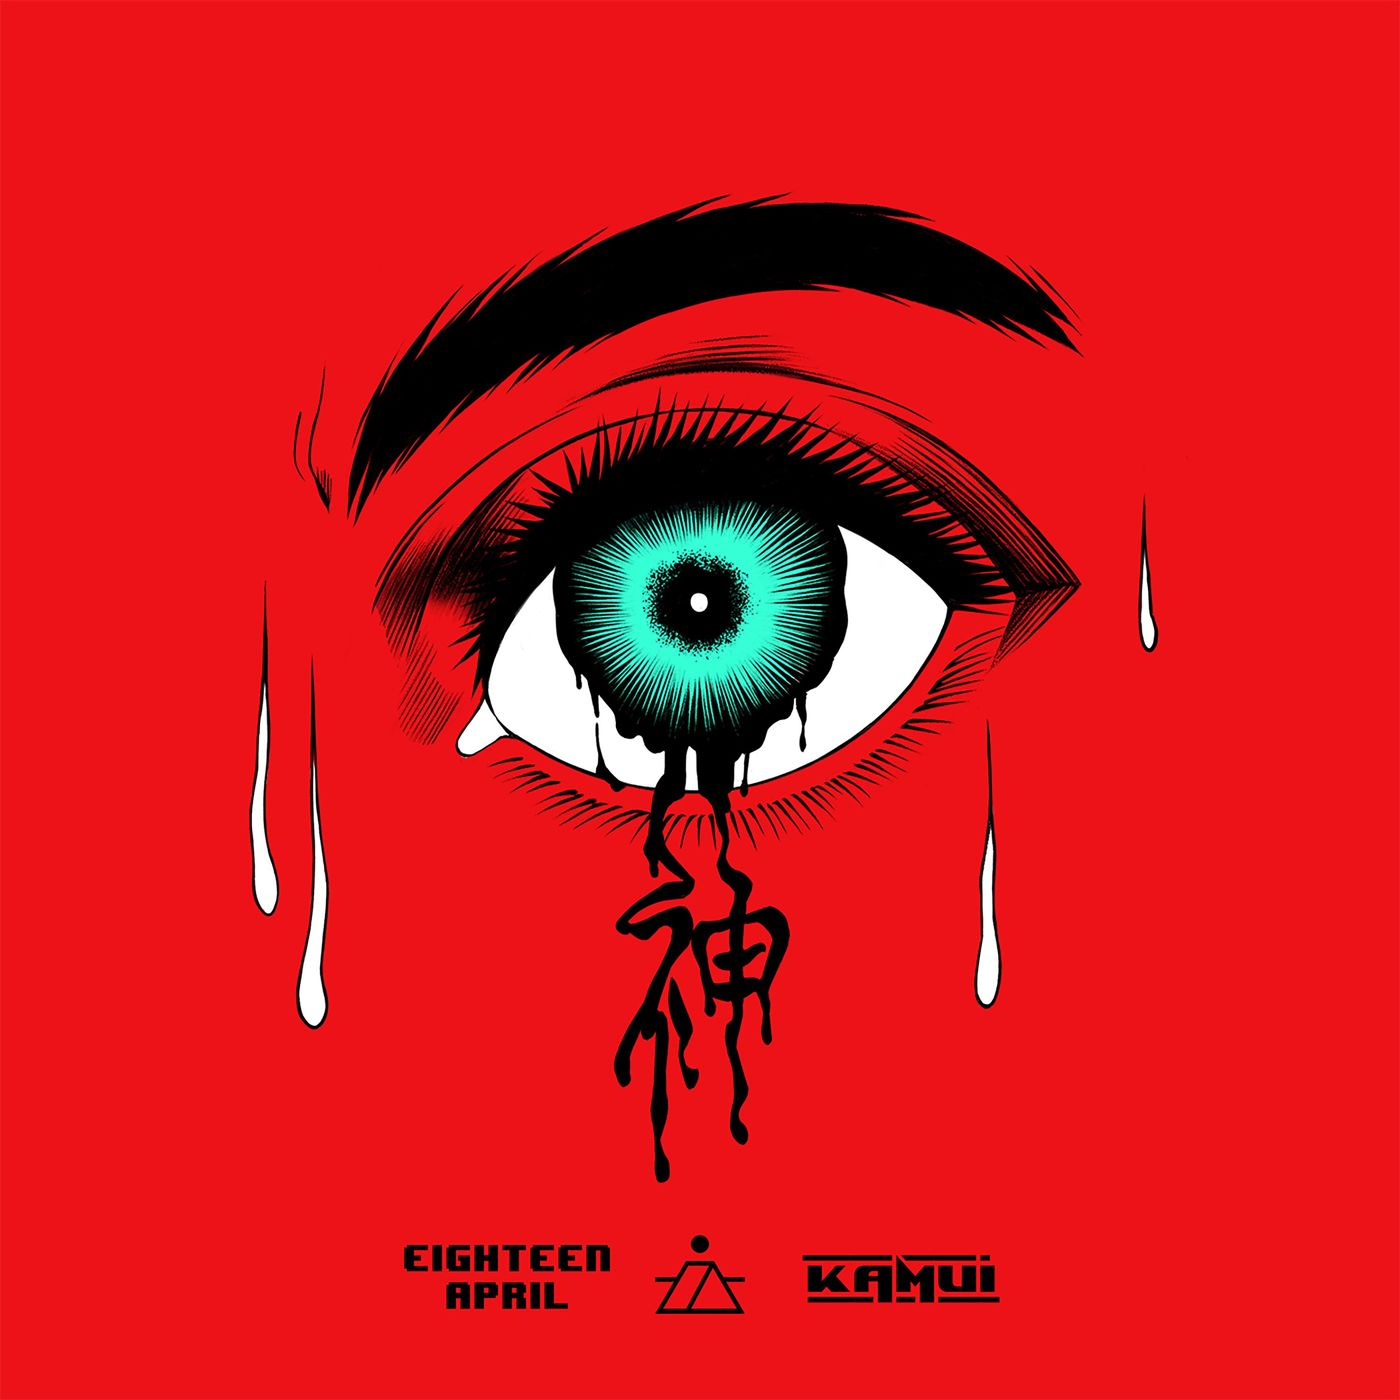 Eighteen April - Kamui [single] (2021)